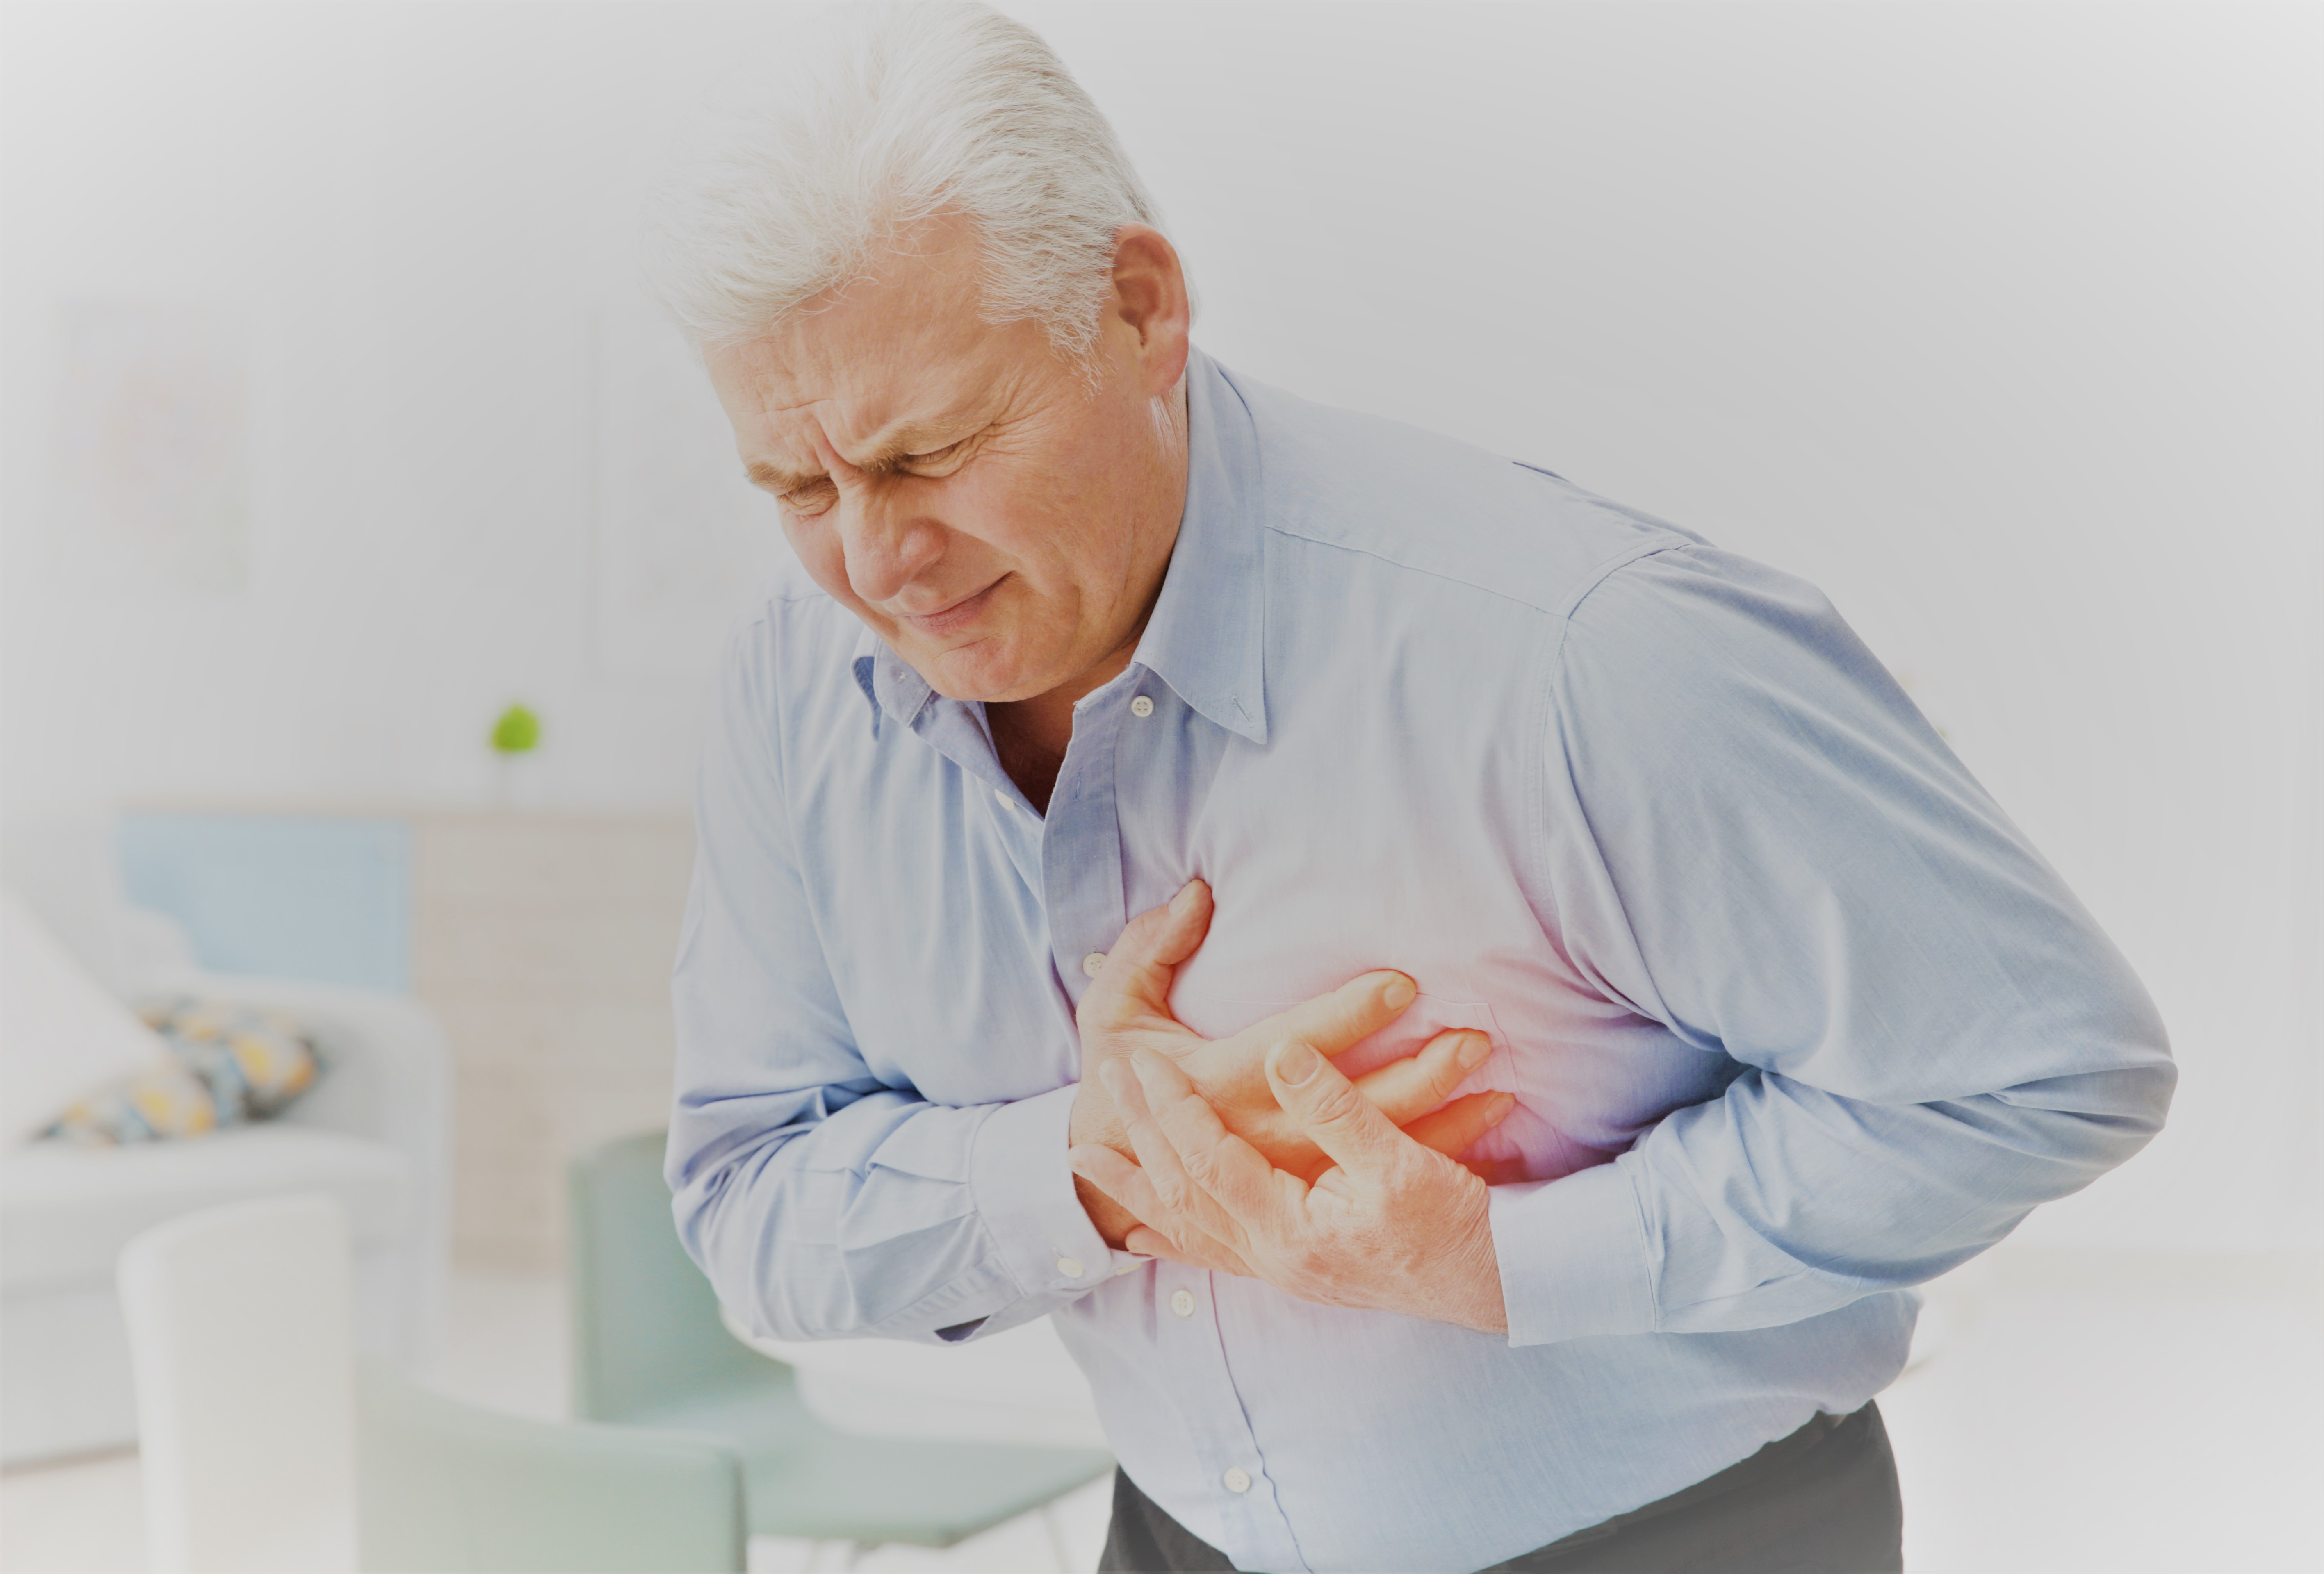 népi gyógymódok magas vérnyomás ellen bradycardiával magas vérnyomás esetén milyen gyógyszerek hatékonyak